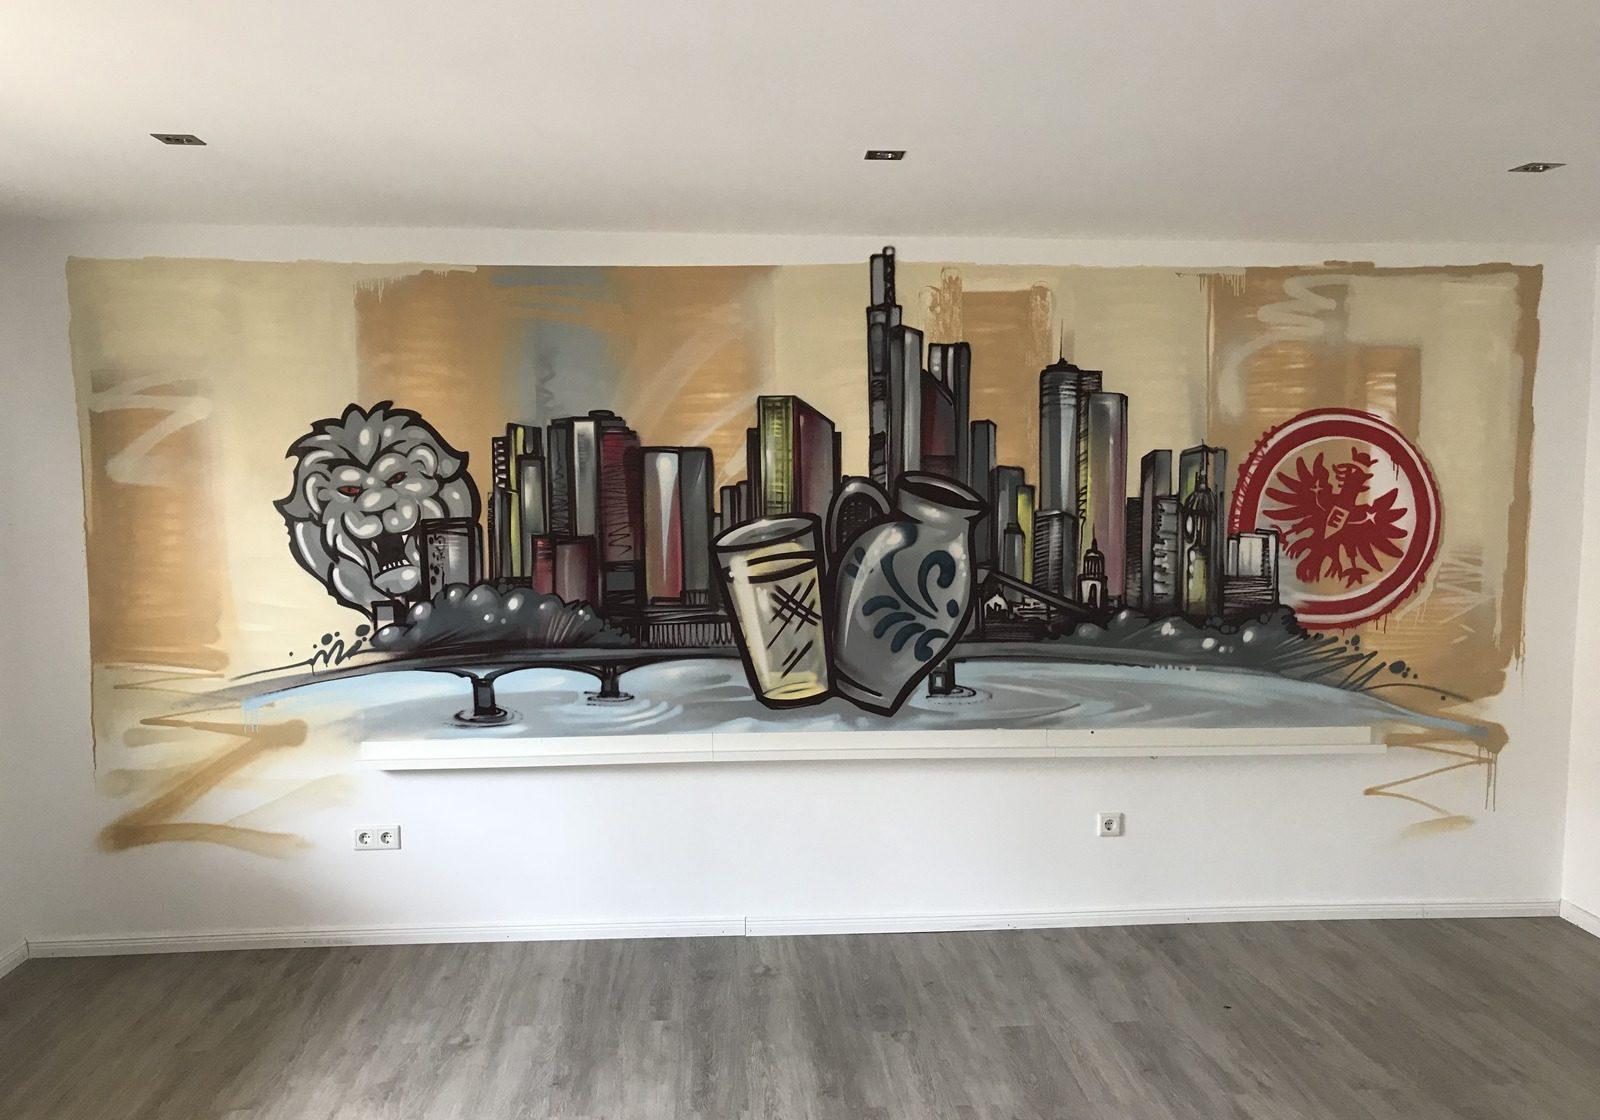 graffitiauftrag-graffitikuenstler-artmos4-bembel-frankfurt-2018-innen-skyline-logo-hintergrund-beige-grau-illustrativ-kunst